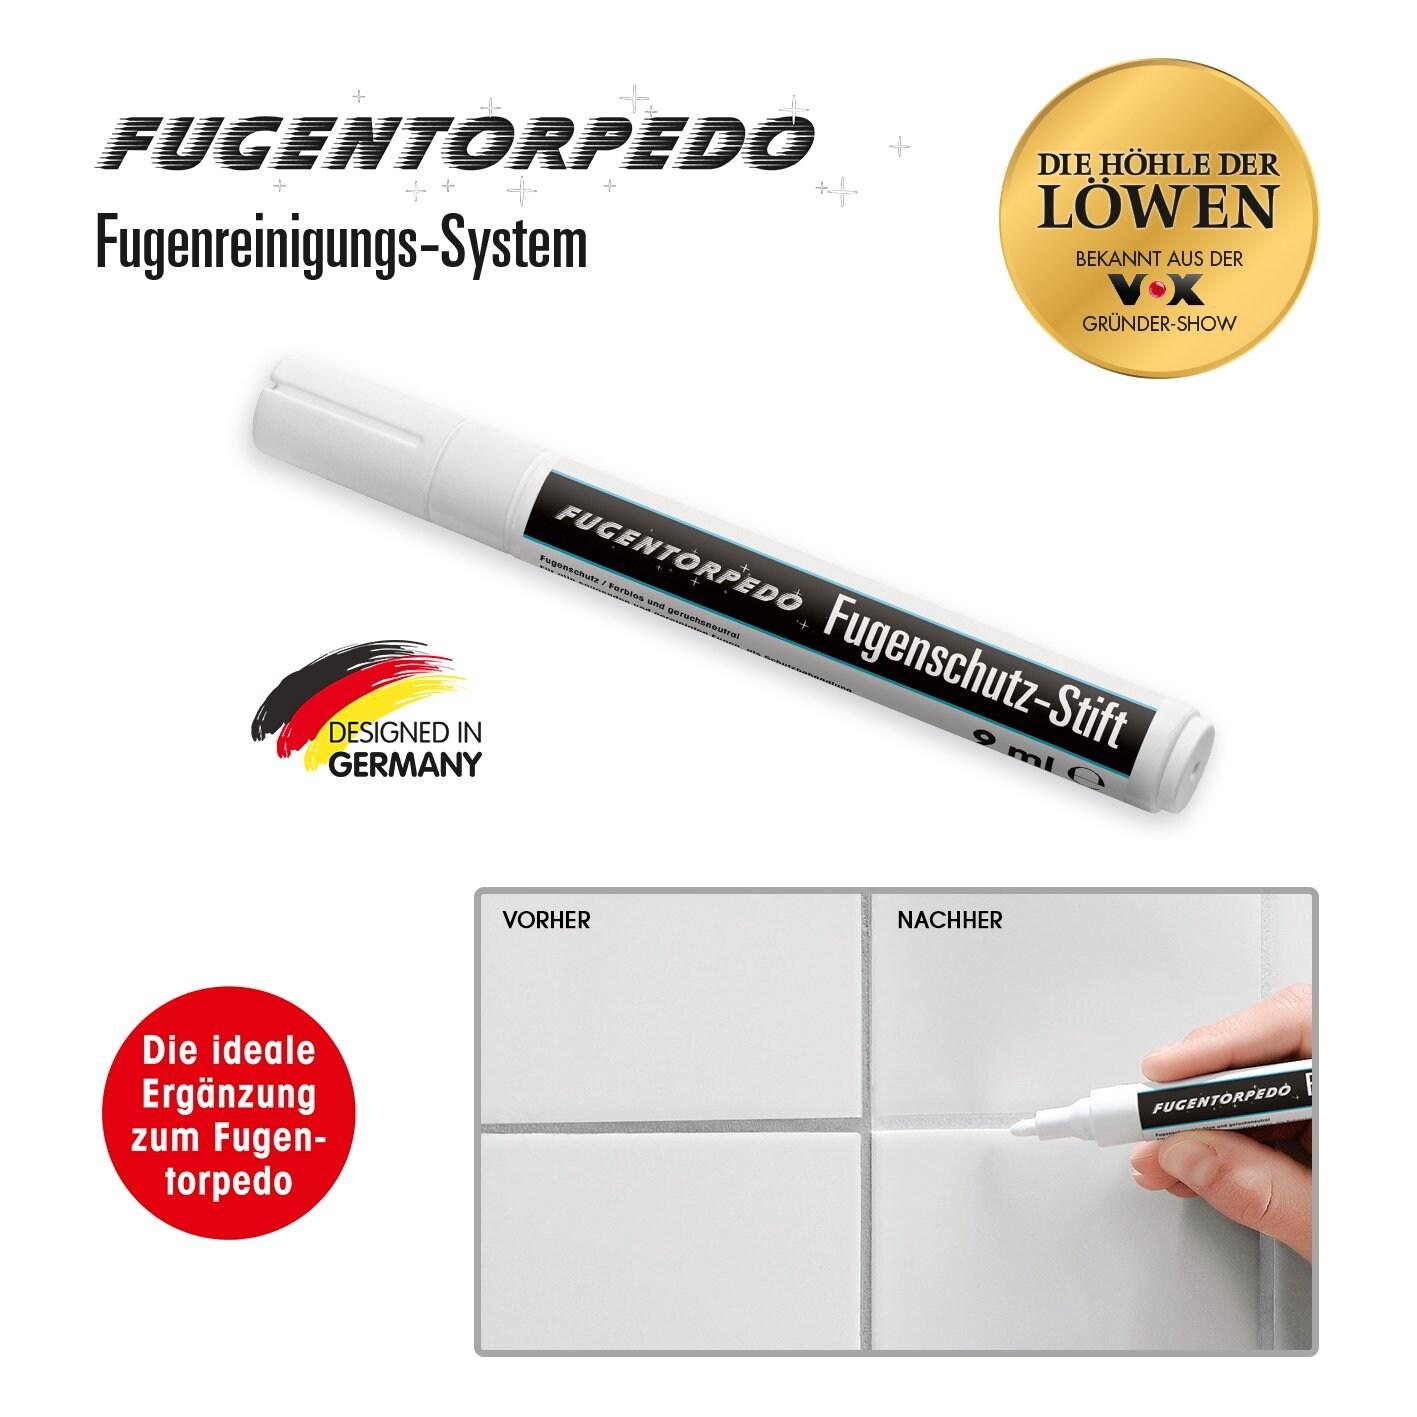 Fugentorpedo Fugenschutzstift 9ml Schutzflüssigkeit Bei Rewe Online